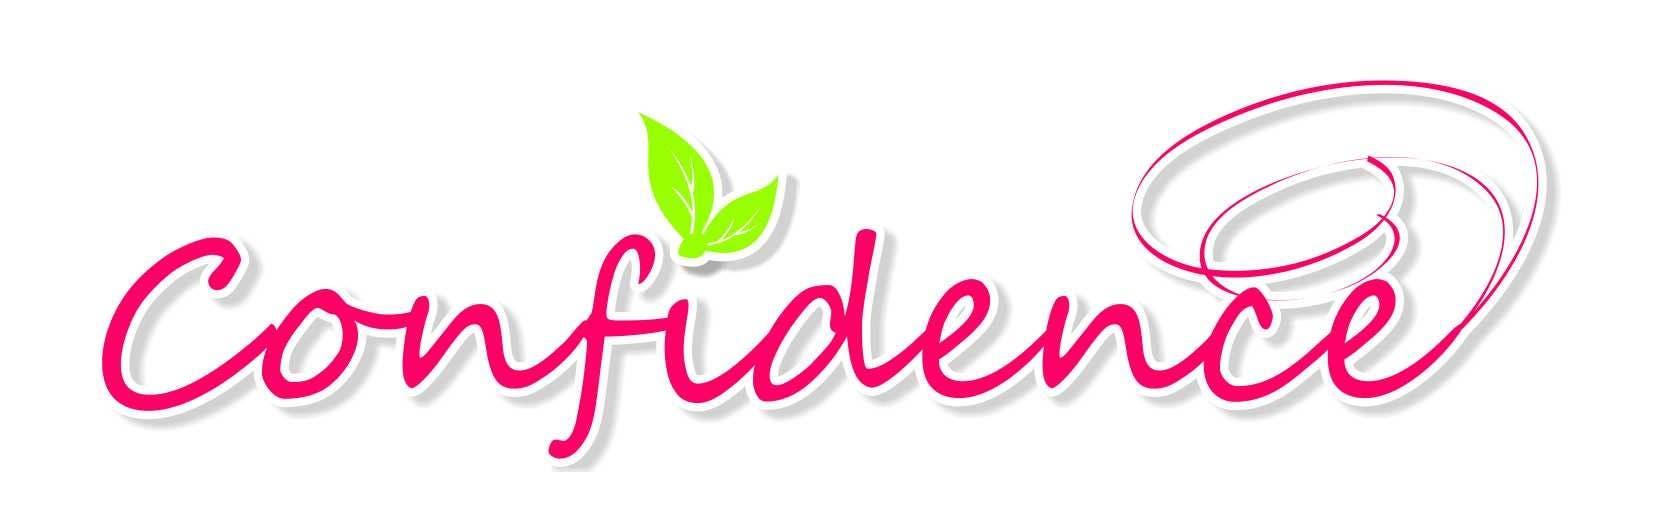 Inscrição nº 105 do Concurso para Logo Design for Feminine Hygeine brand - Confidence